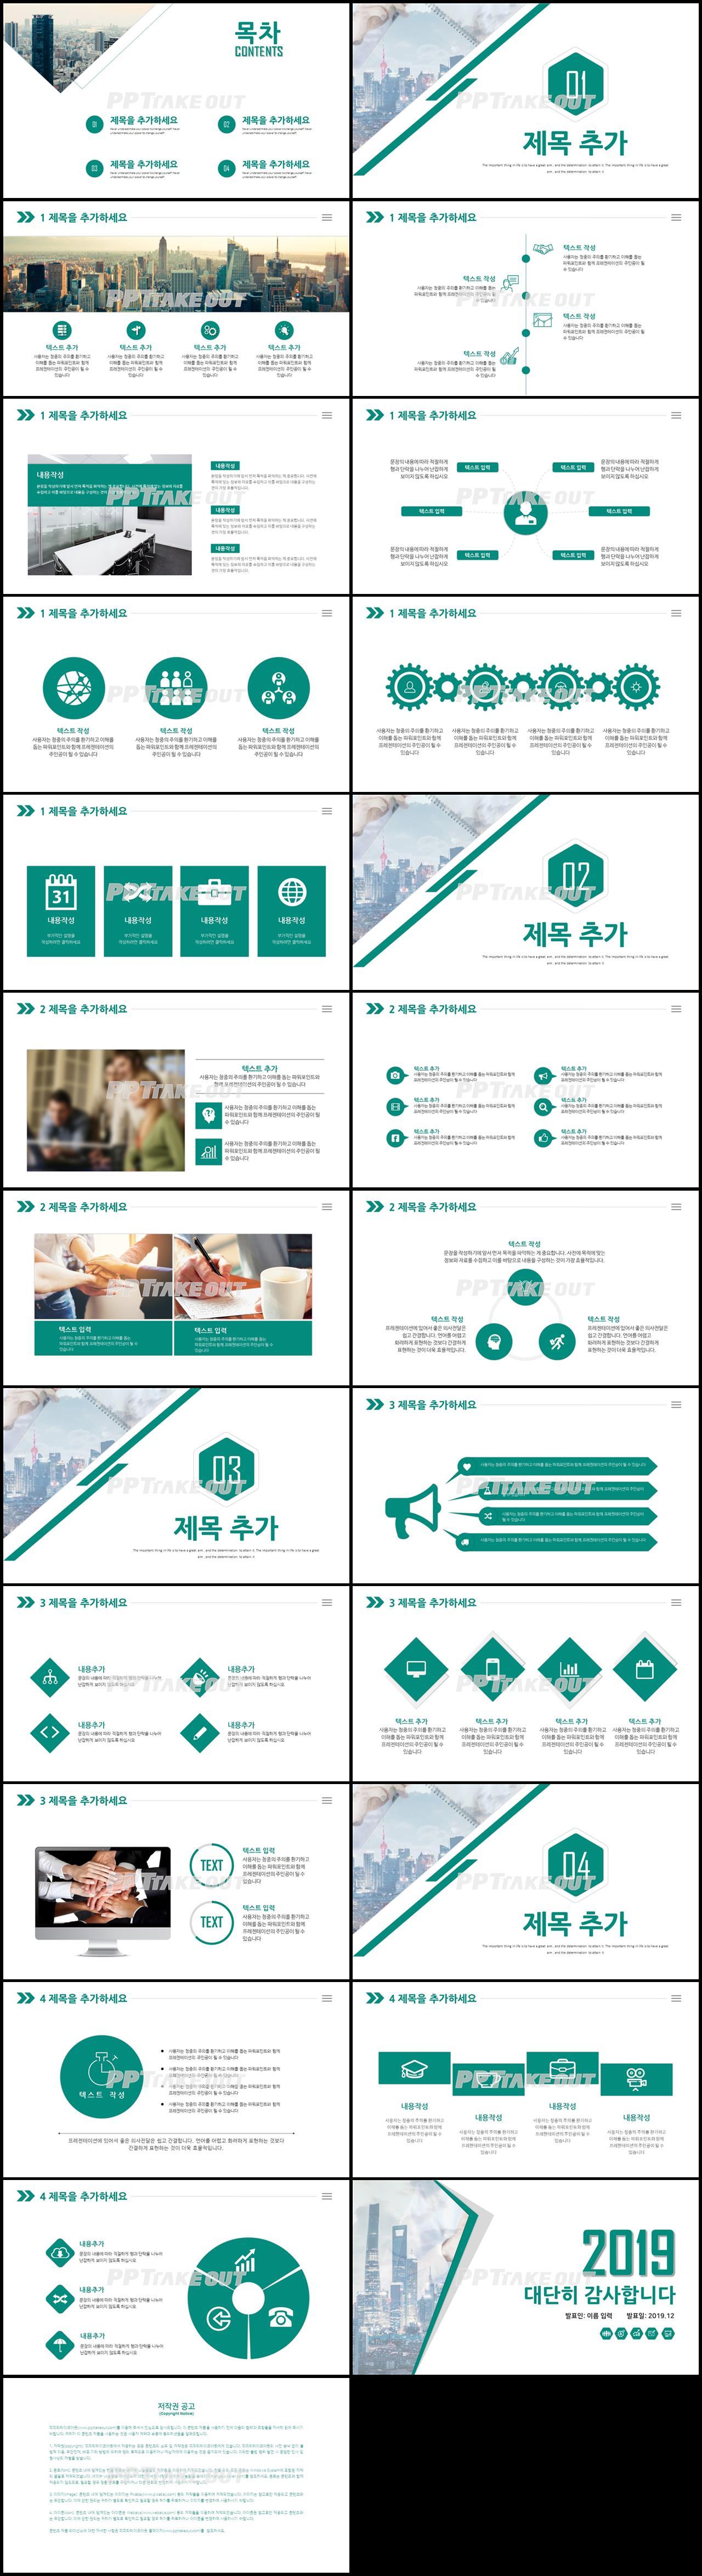 상업계획 녹색 간편한 고급스럽운 PPT탬플릿 사이트 상세보기